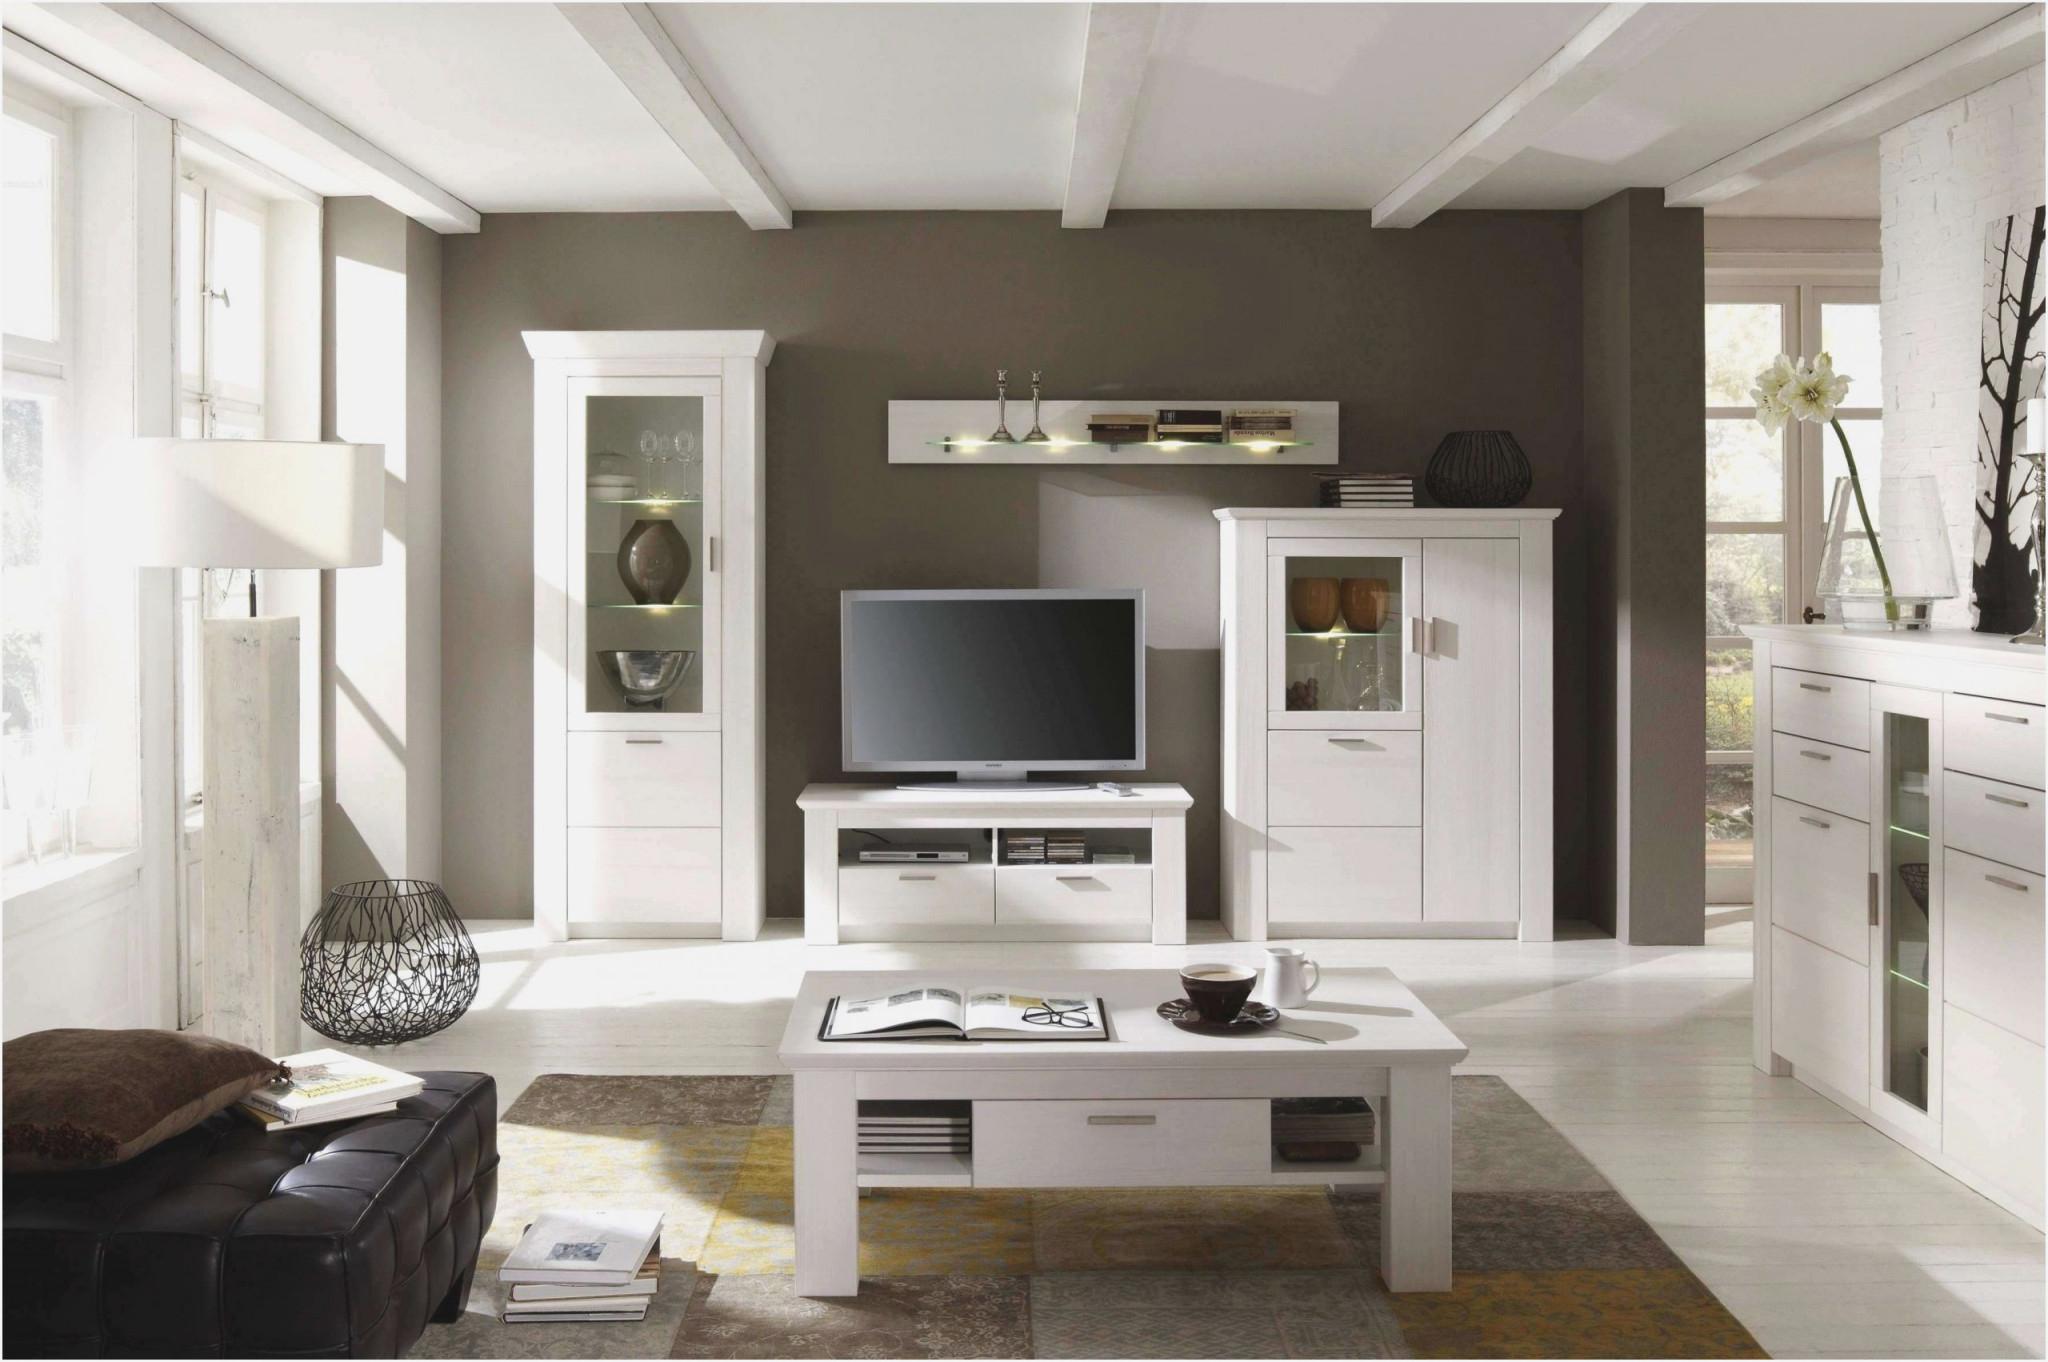 Wohnzimmer Mit Balken Einrichten  Wohnzimmer  Traumhaus von Wohnzimmer Mit Balken Einrichten Bild